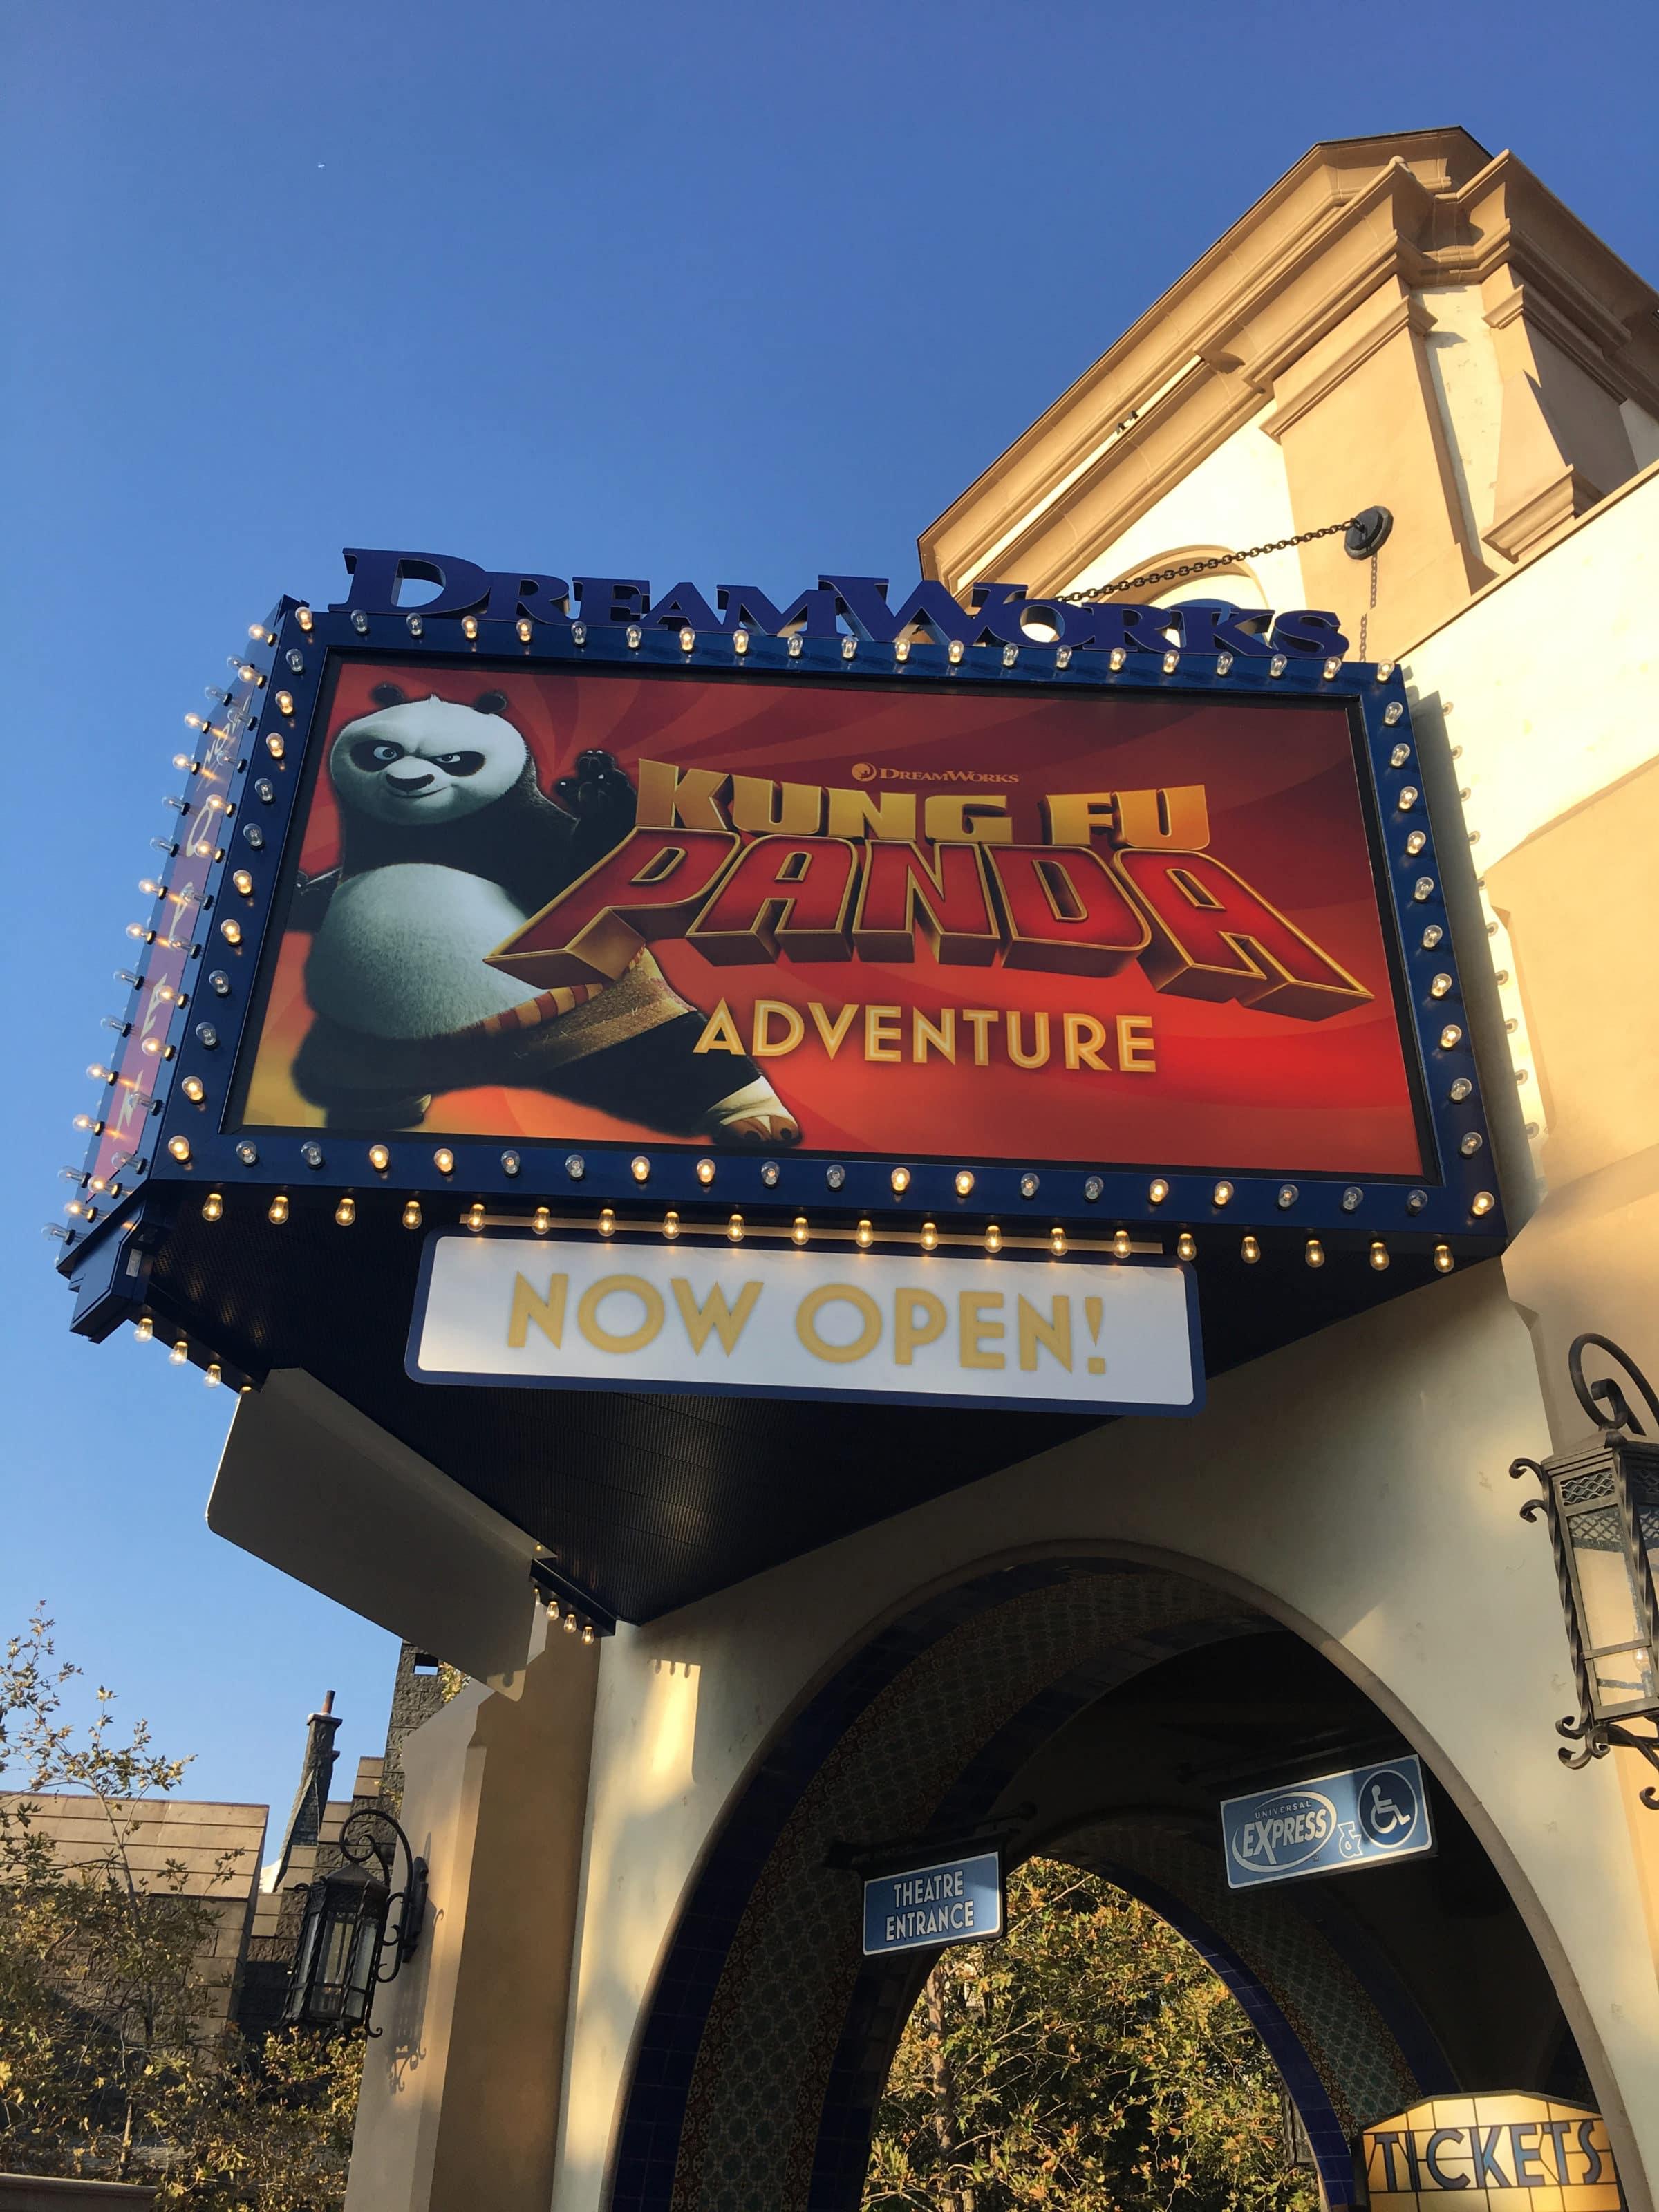 Kung Fu Panda at Dreamworks Theater at Universal Studios Hollywood